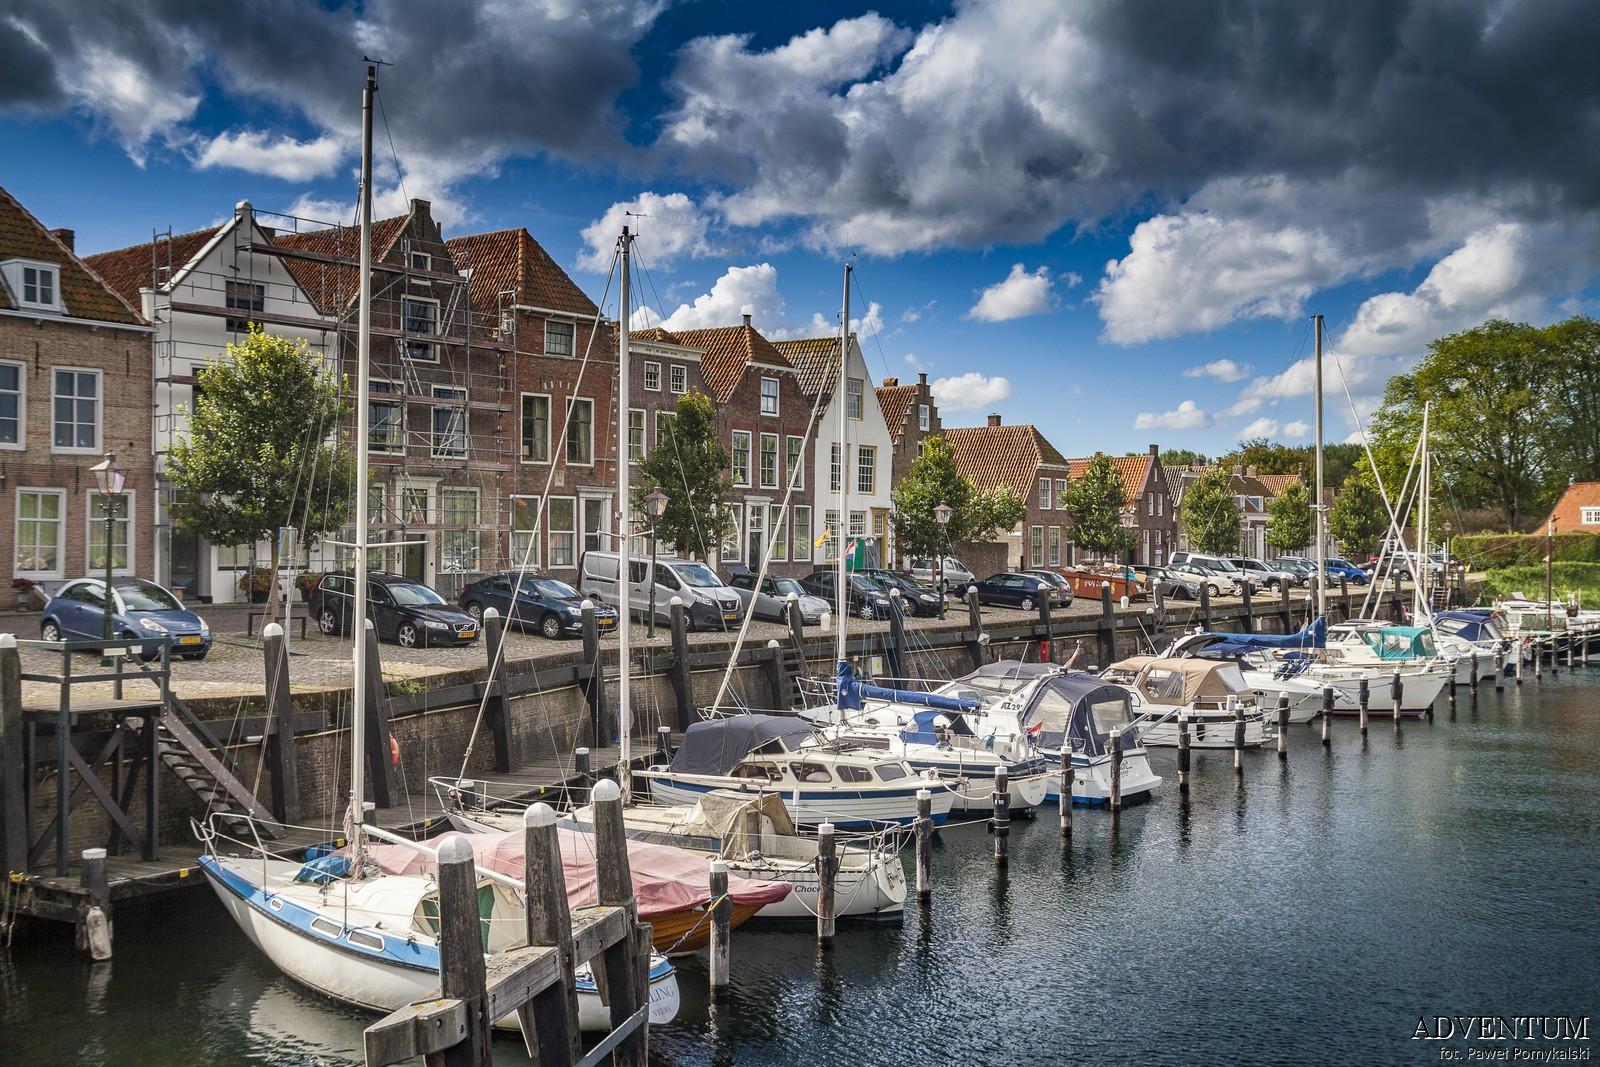 Holandia Veere Atrakcje Zwiedzanie co Zobaczyć Amsterdam Rotterdam Haga Kanały Wiatraki